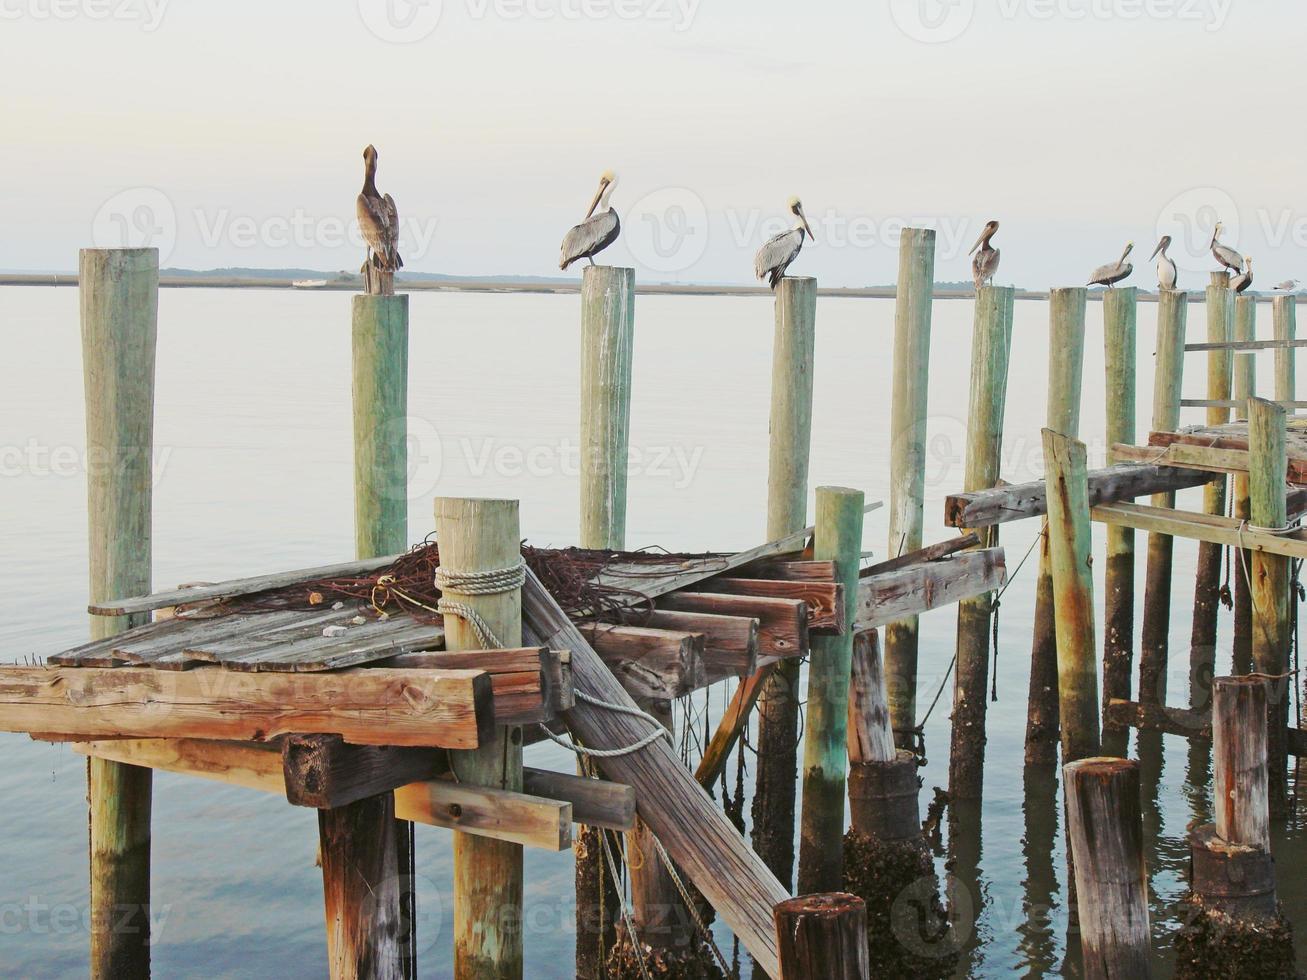 pelikanen op een dok foto